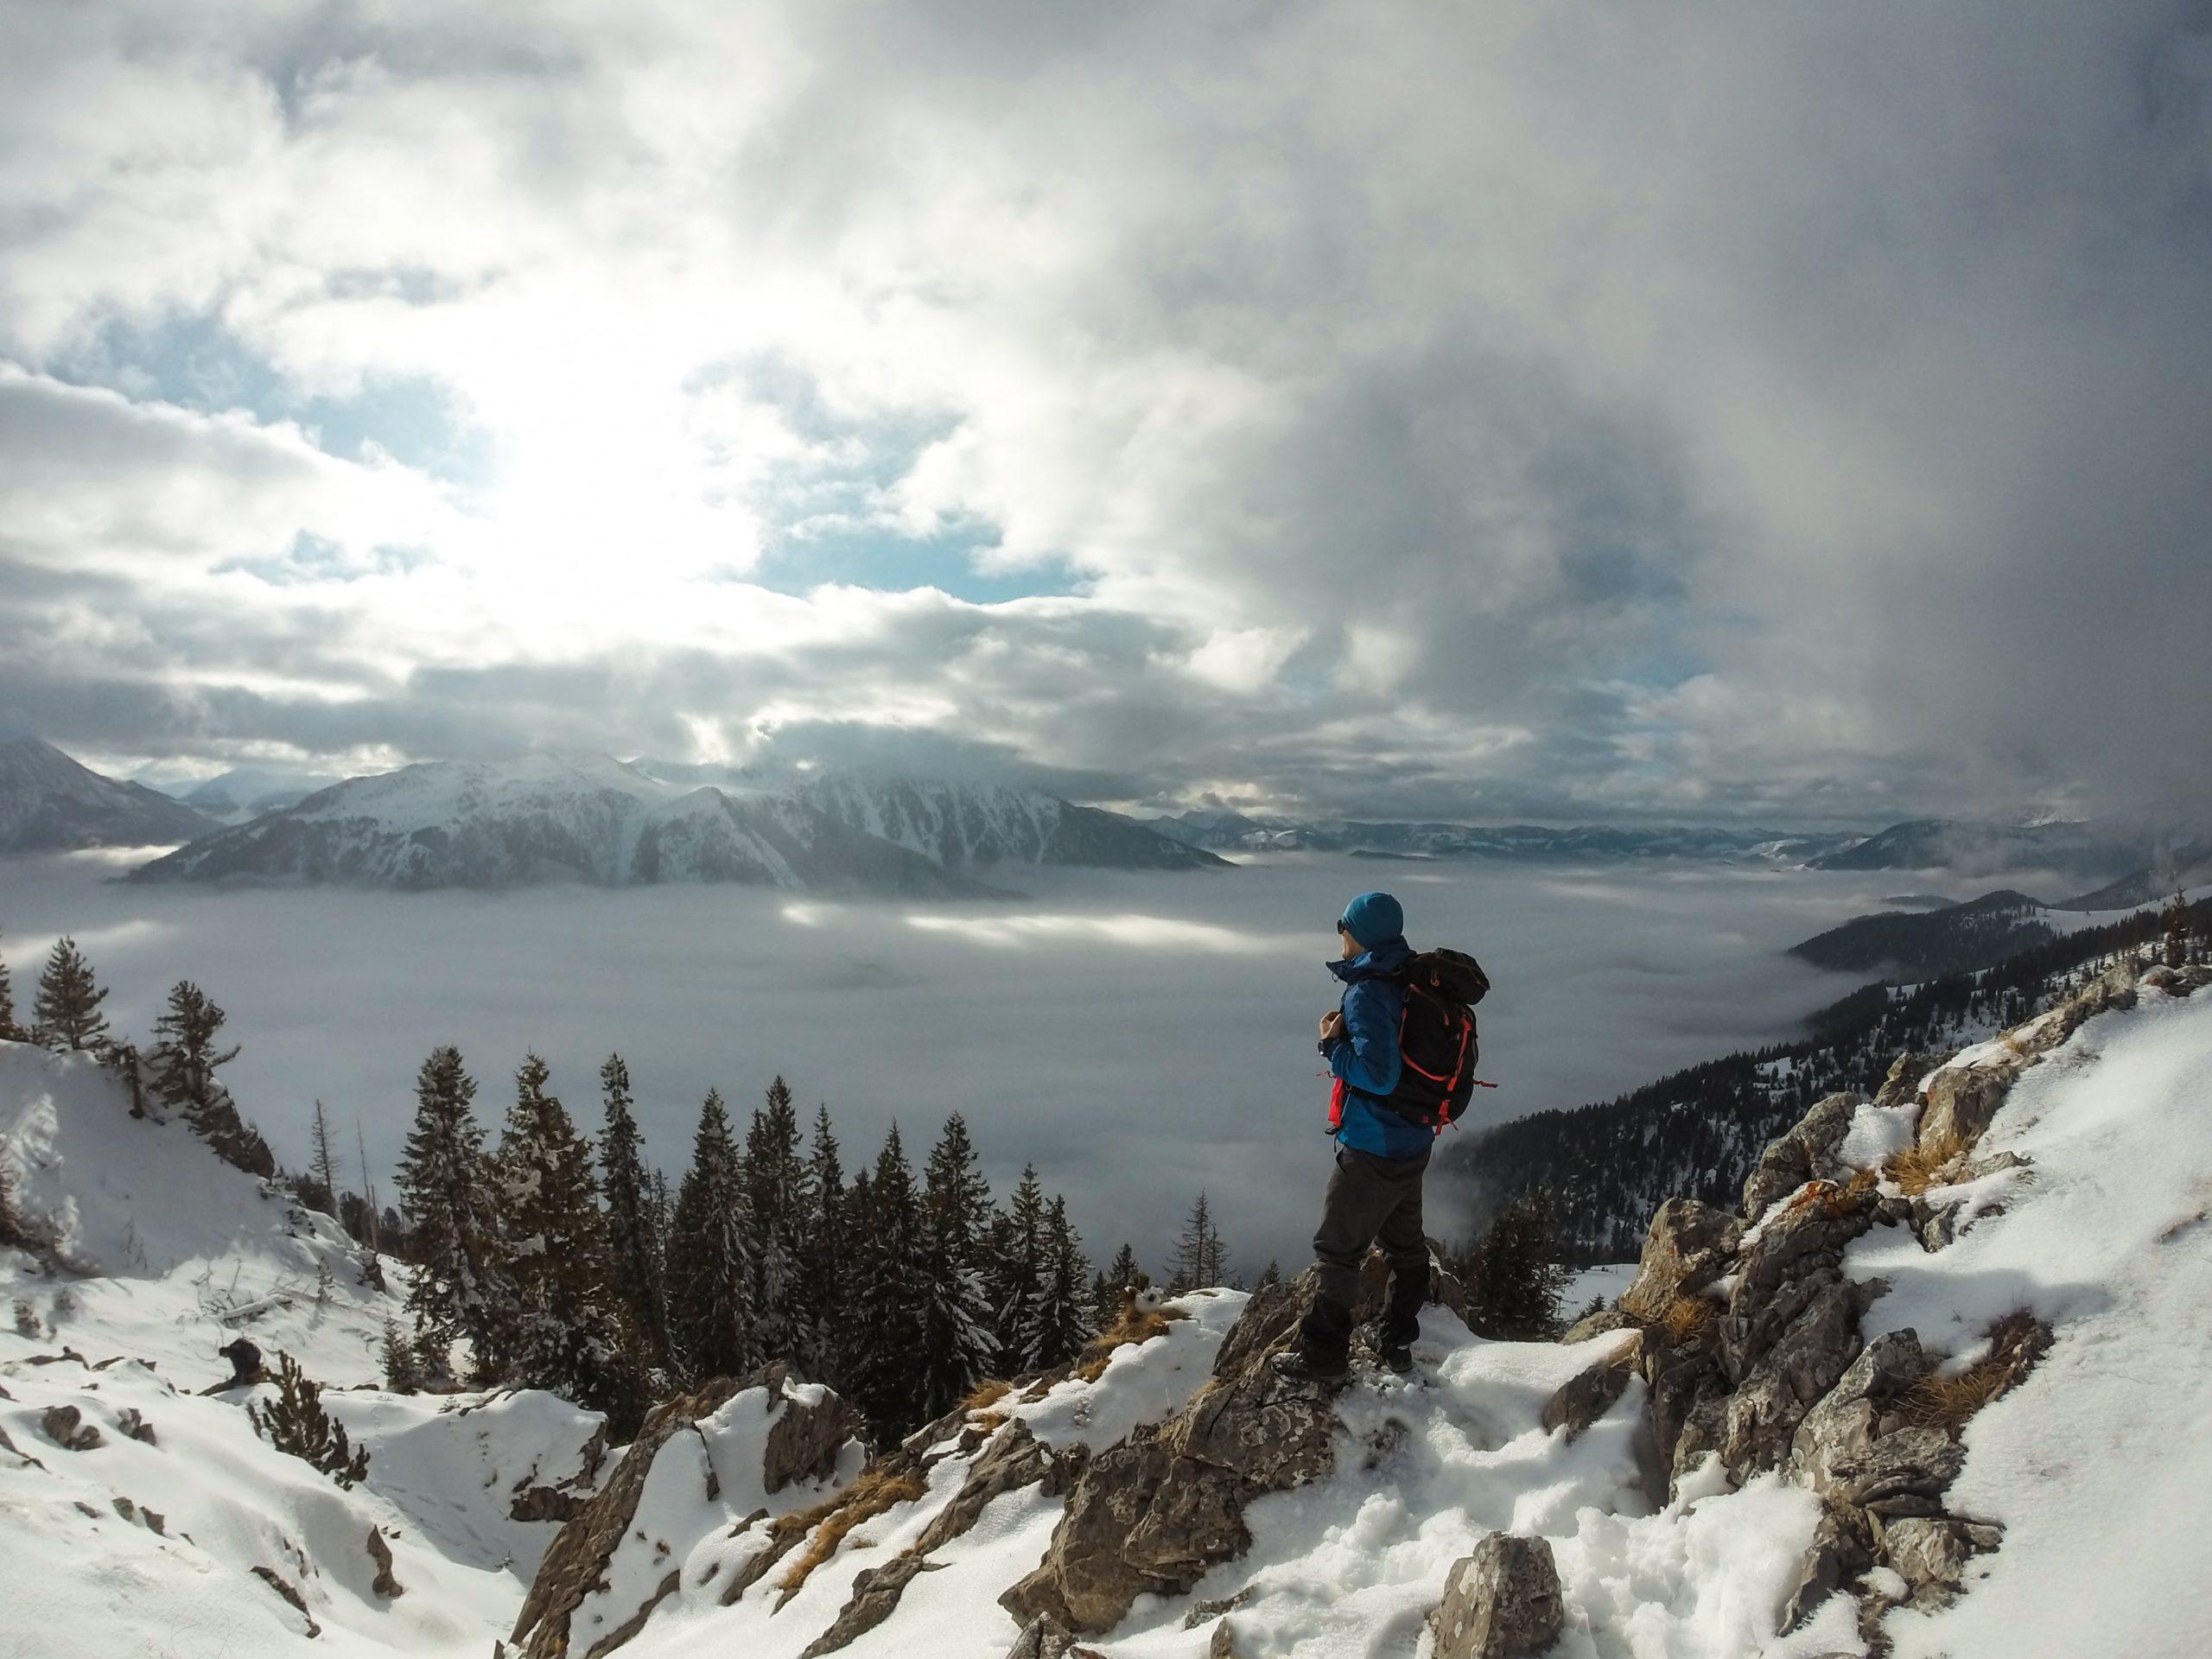 Shtupeq hiking winter Rugova